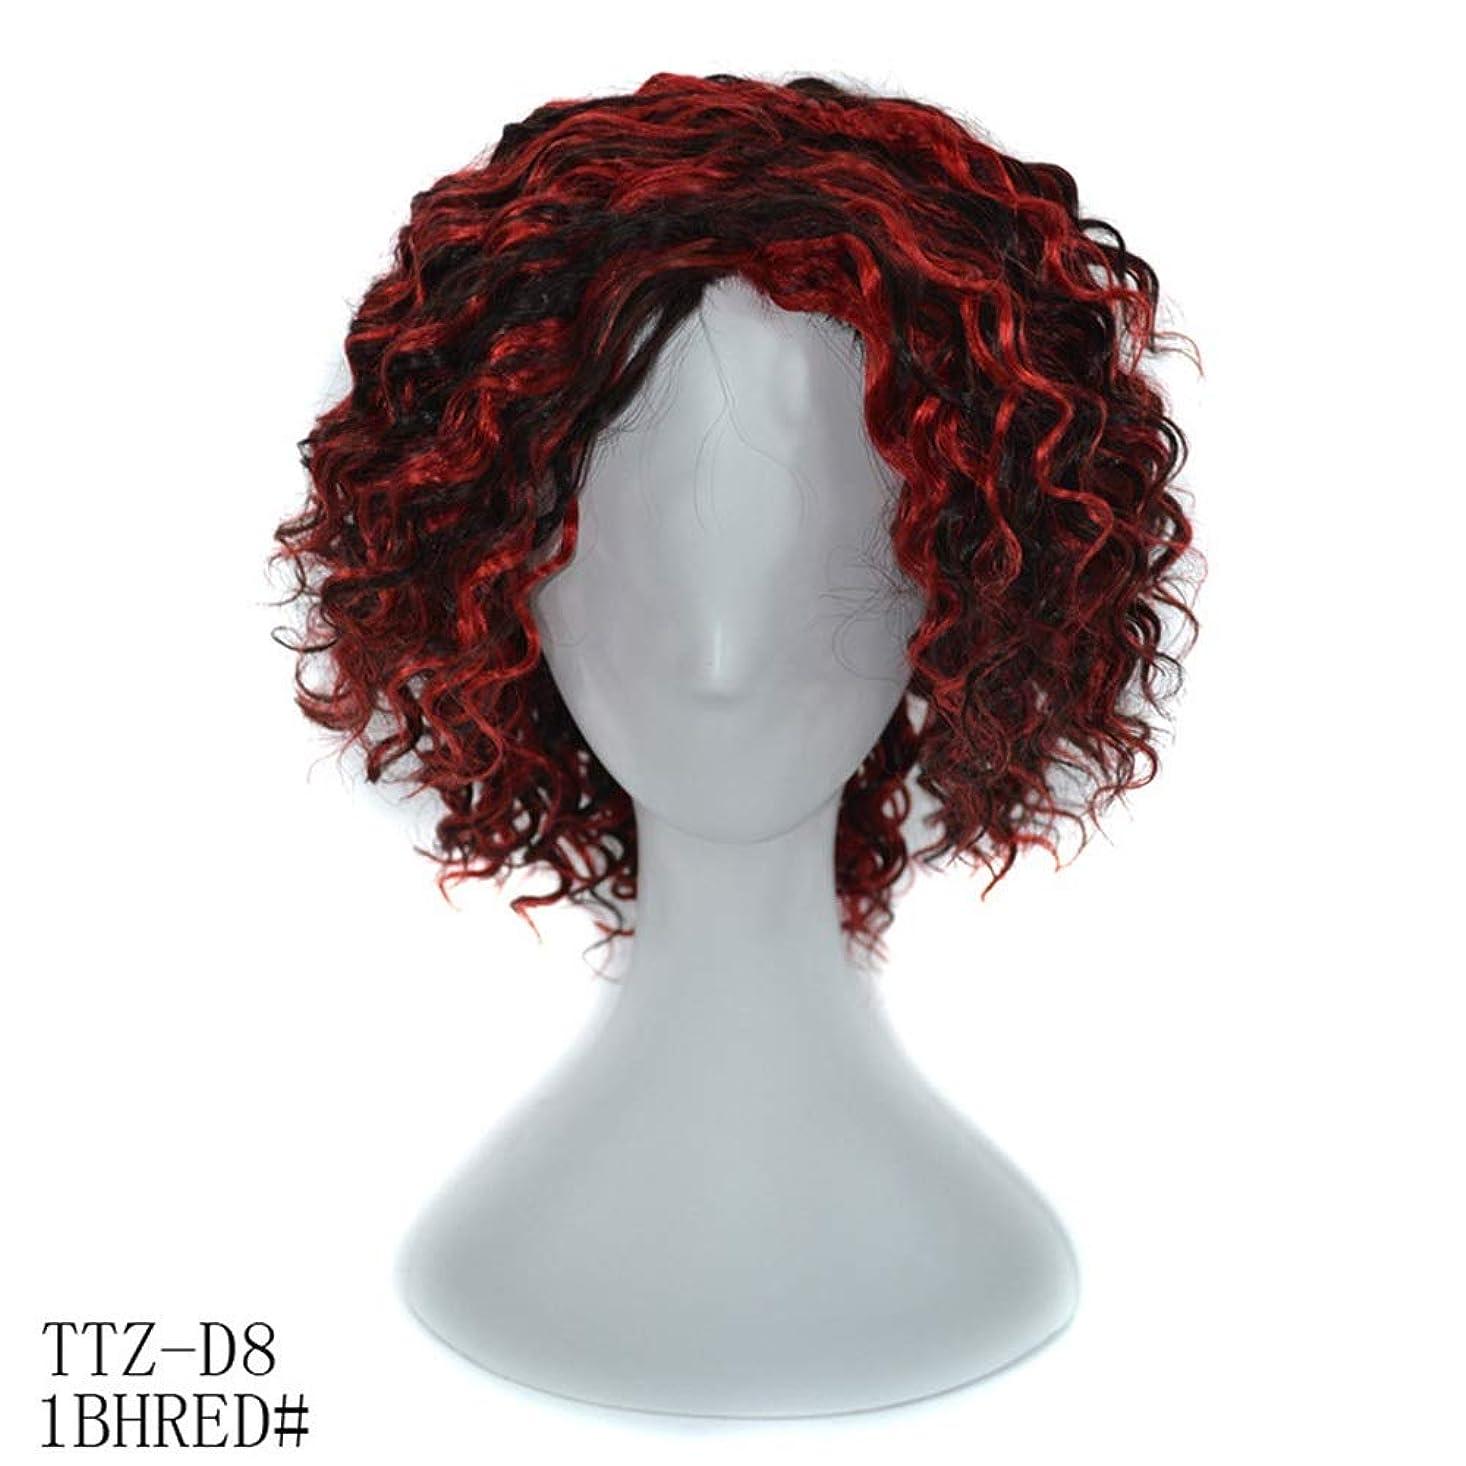 売り手農奴検出可能BOBIDYEE 100%リアルヘアディープカーリーブラックハイライトレッドウィッグ14インチ髪フルヘッド女性用ウィッグ (色 : レッド, サイズ : 14inch)